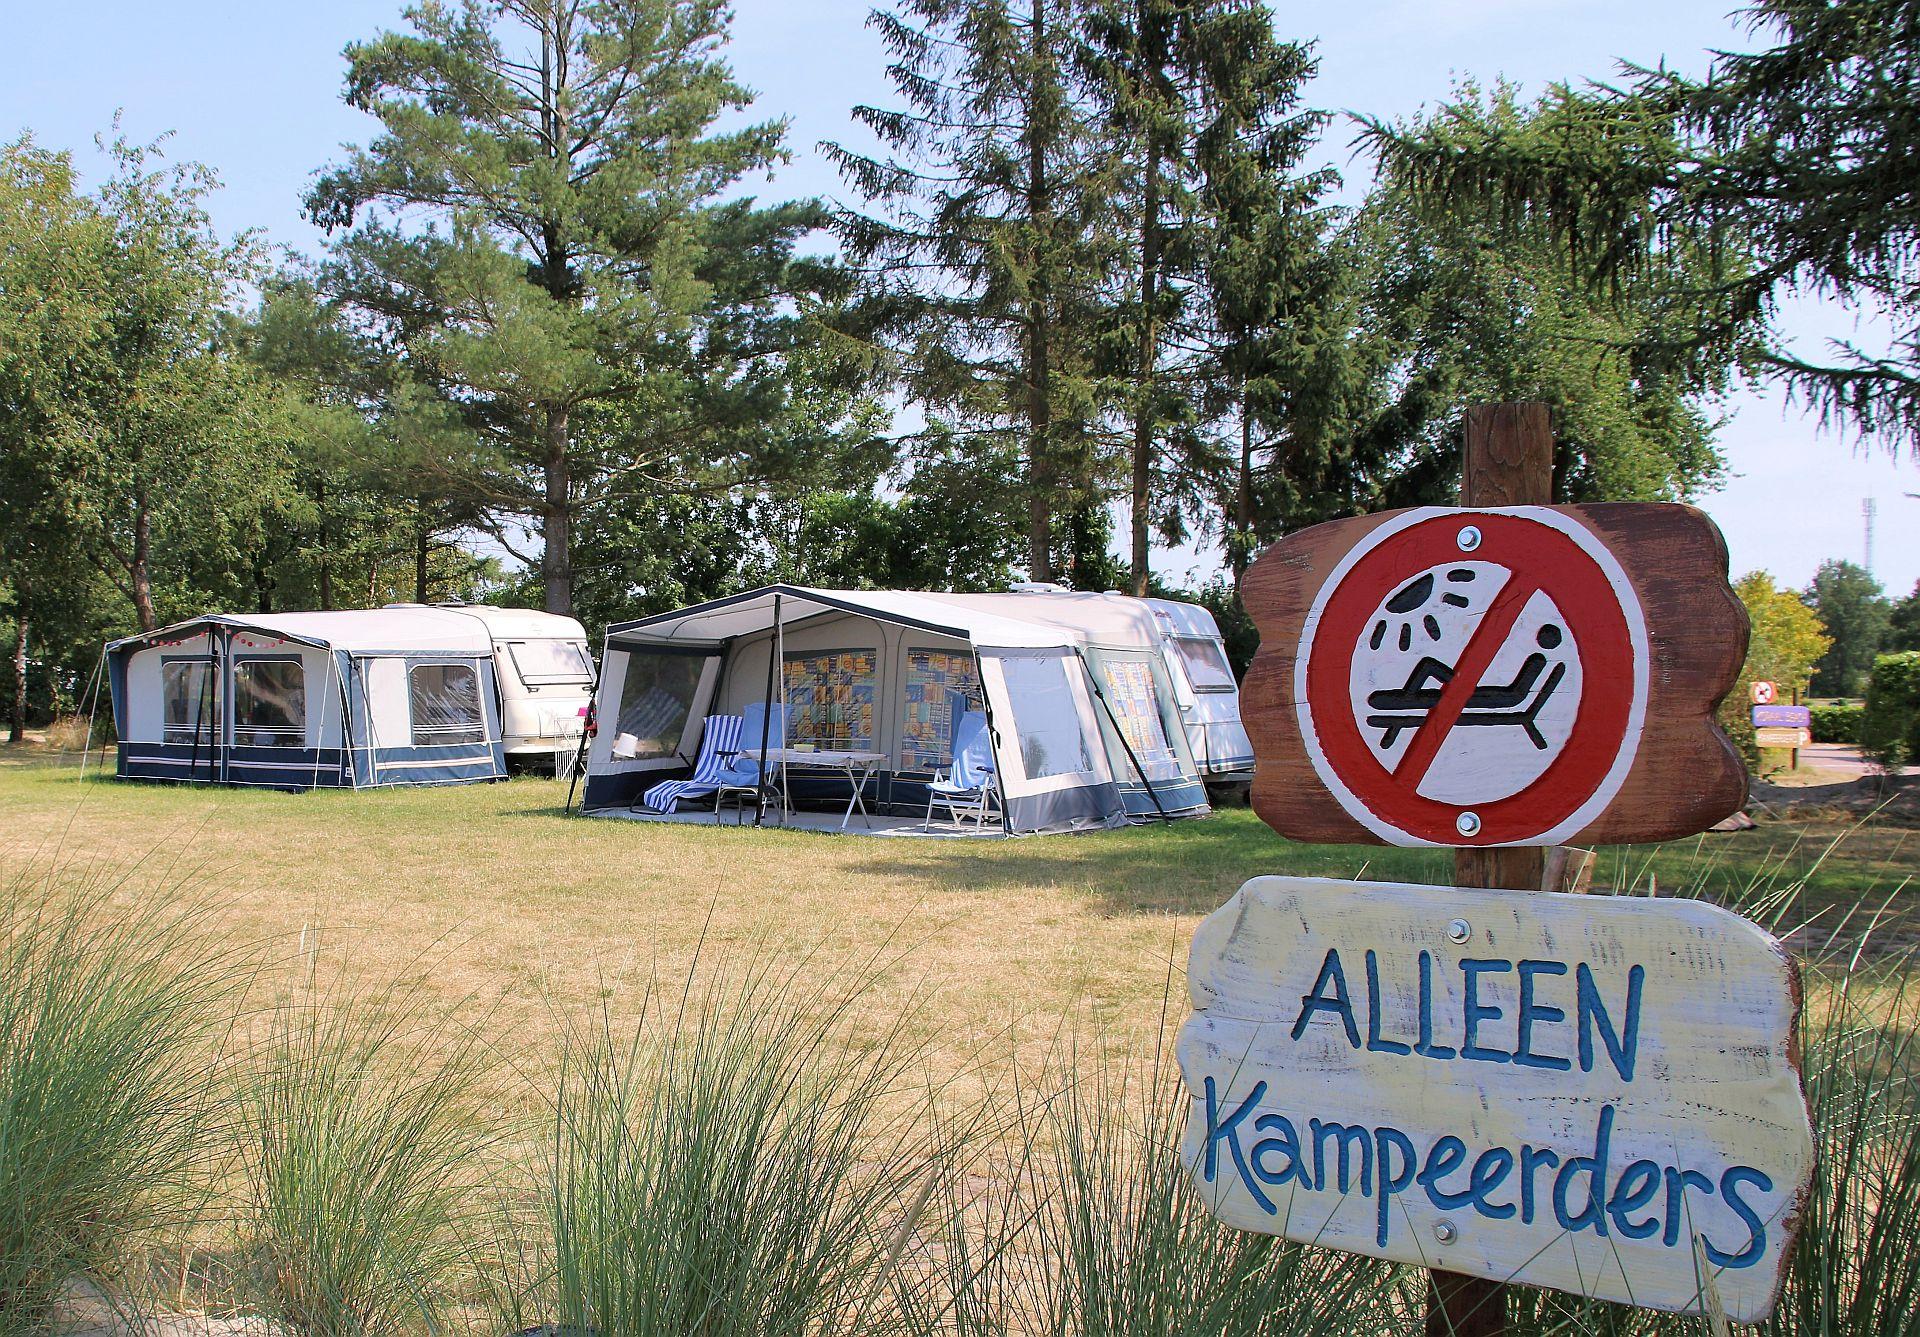 Camping in Slagharen dichtbij het attractiepark - Camping Slagharen Nederland